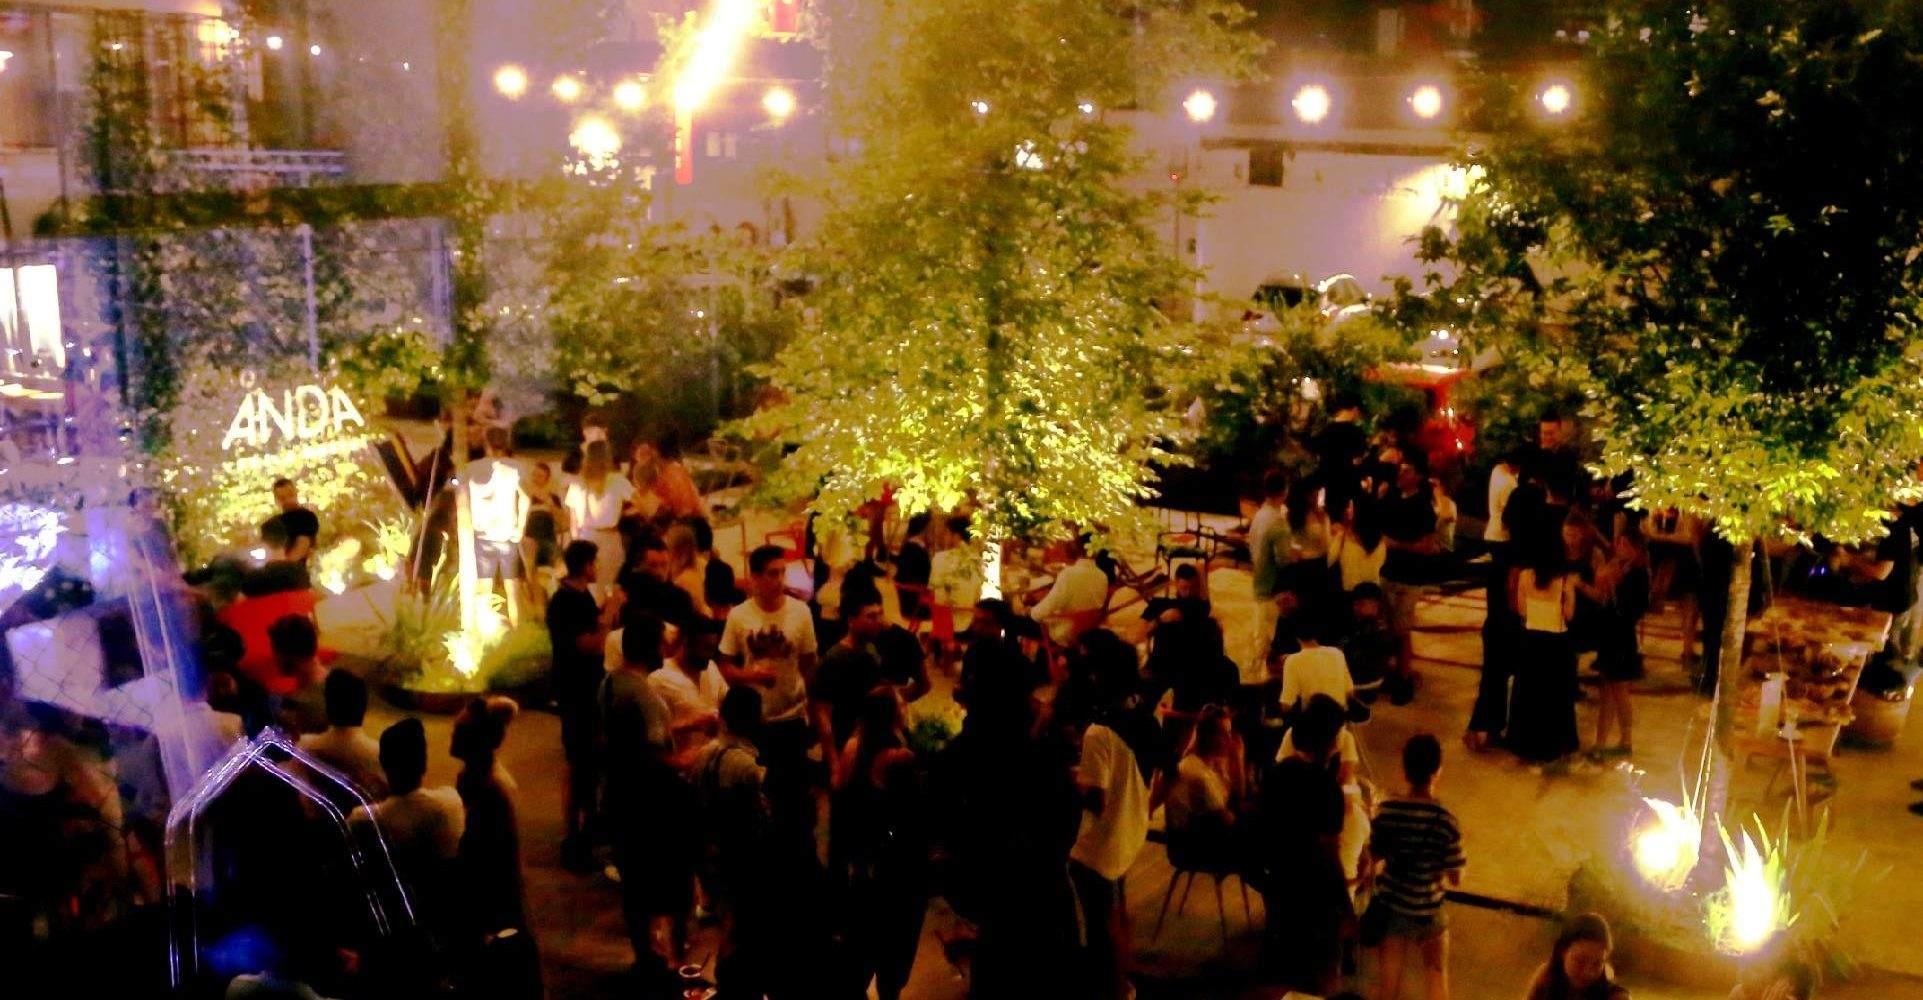 Anda Venice Hostel Party 3